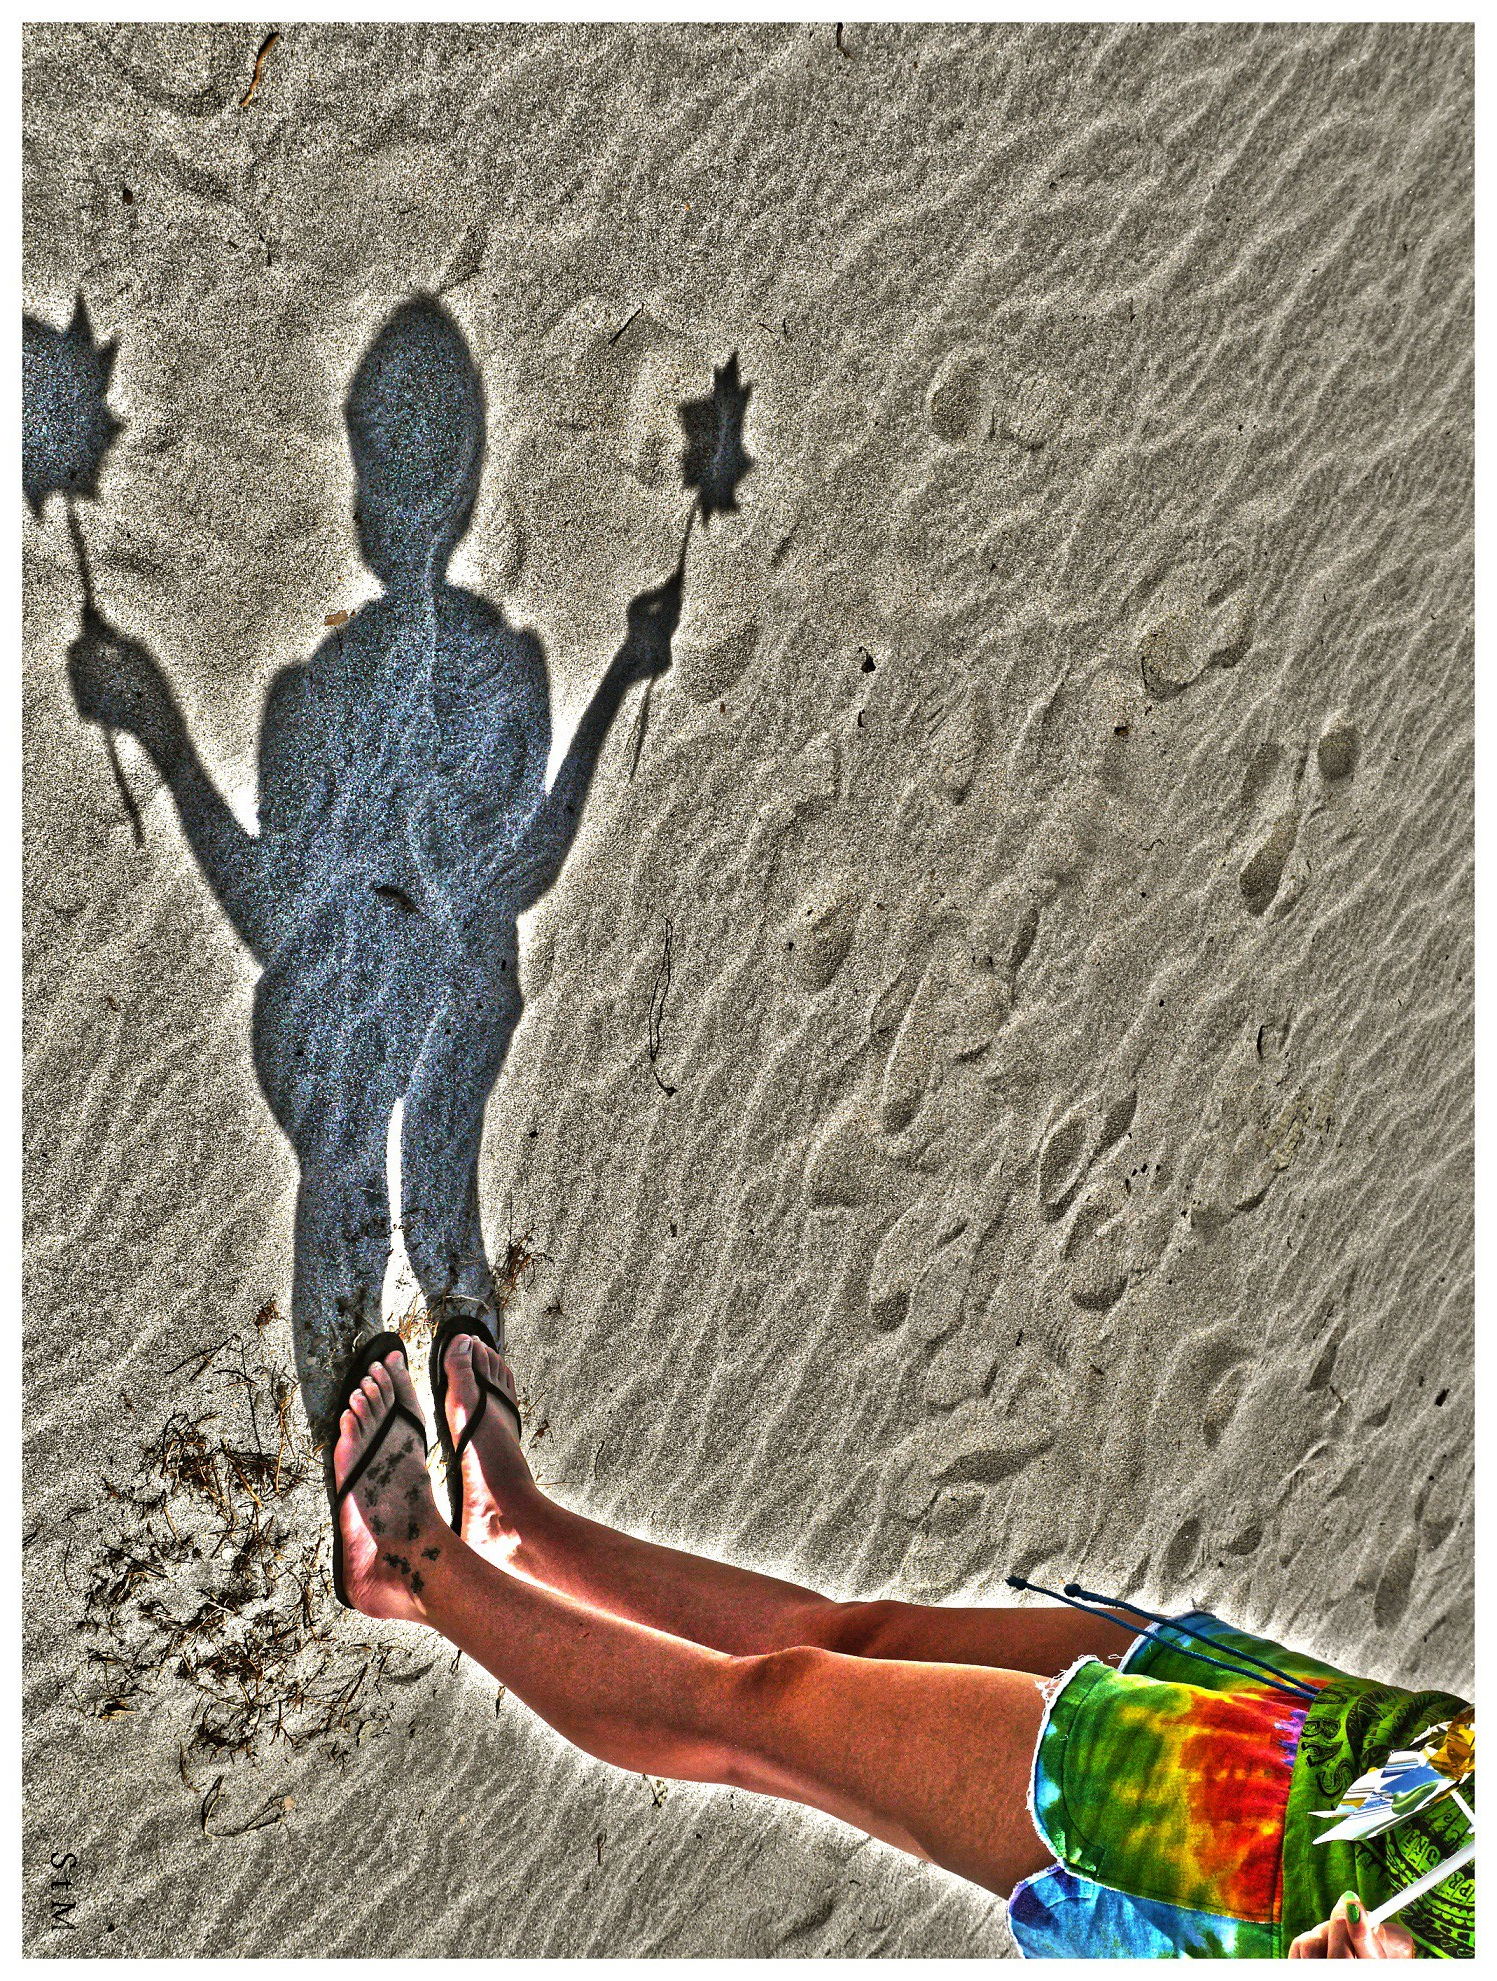 P1000598 desert shadow pinwheel